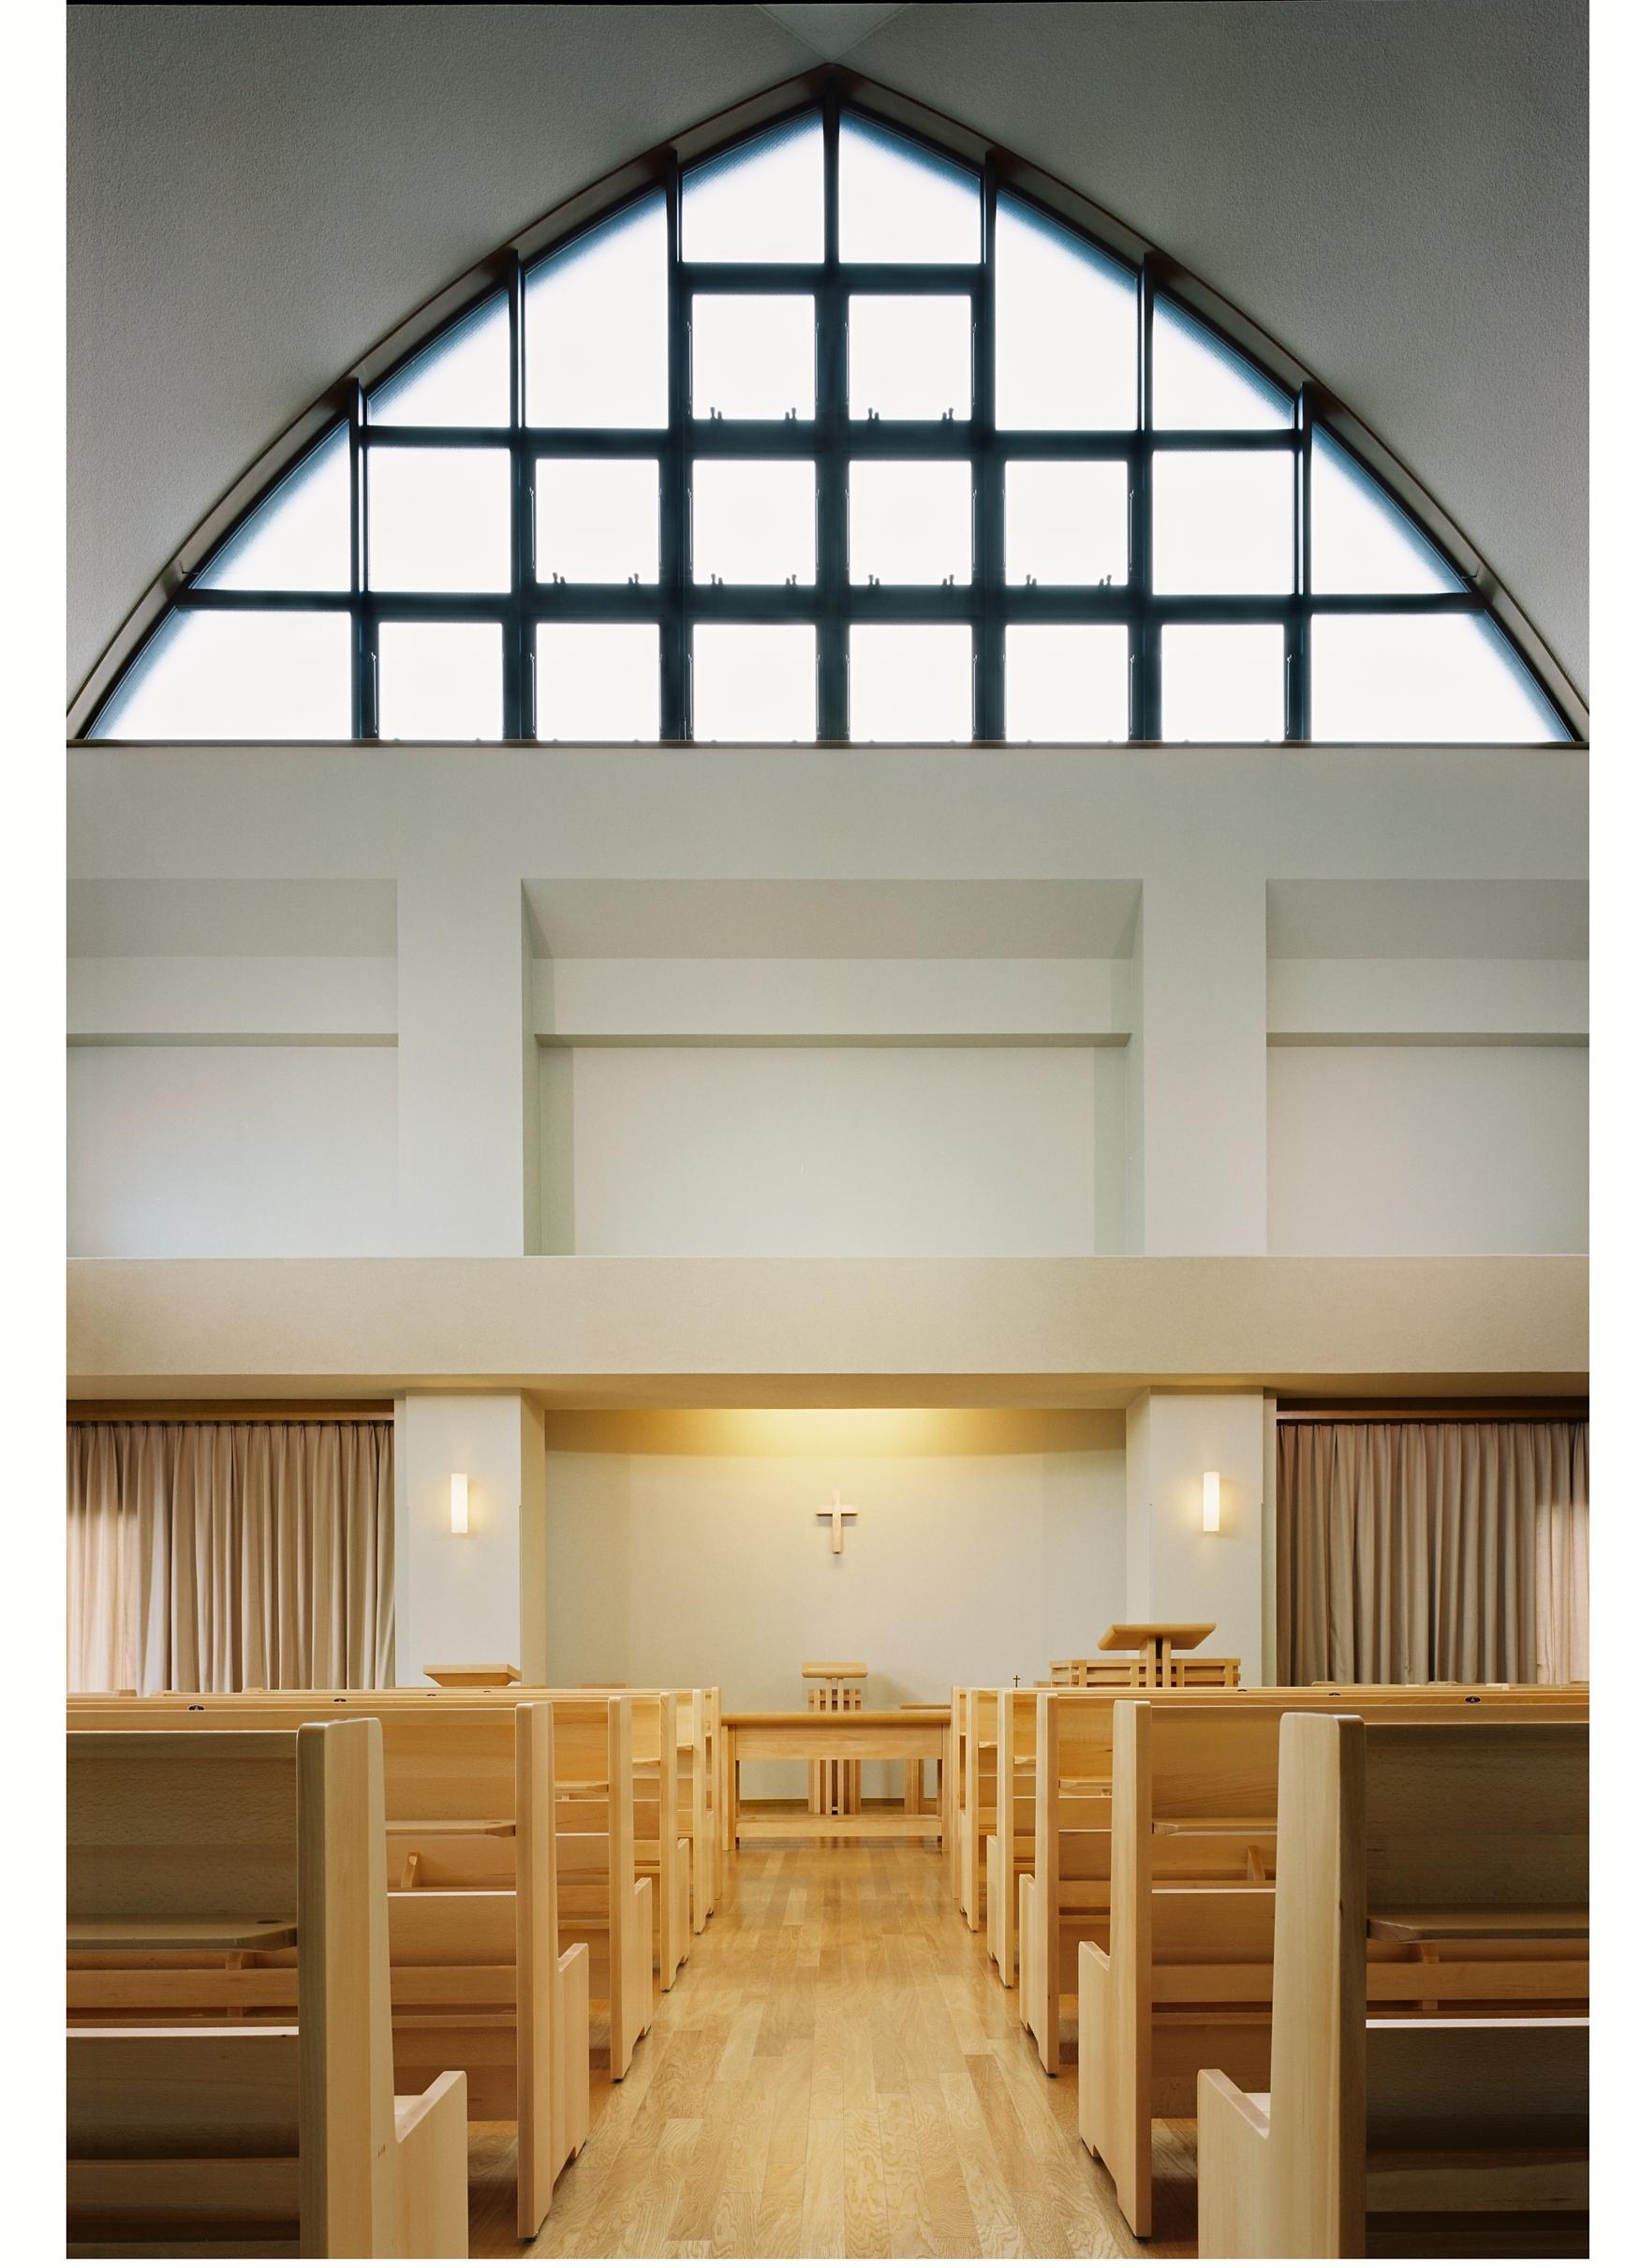 日本基督教団 清水教会